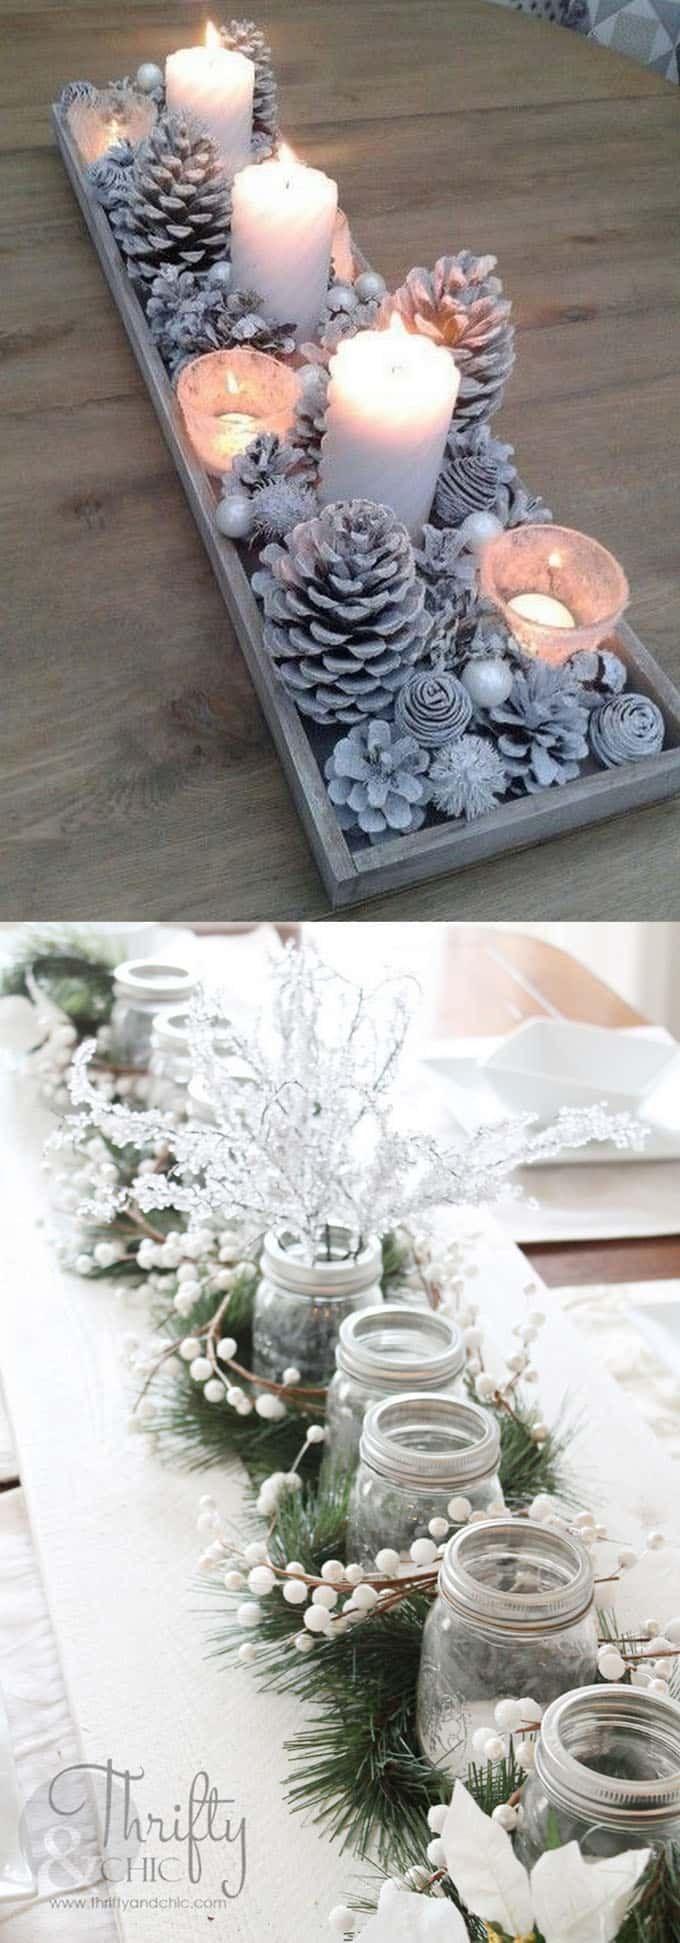 27 wunderschöne & einfach DIY Thanksgiving und Weihnachten Tischdekoration & Centerpiec